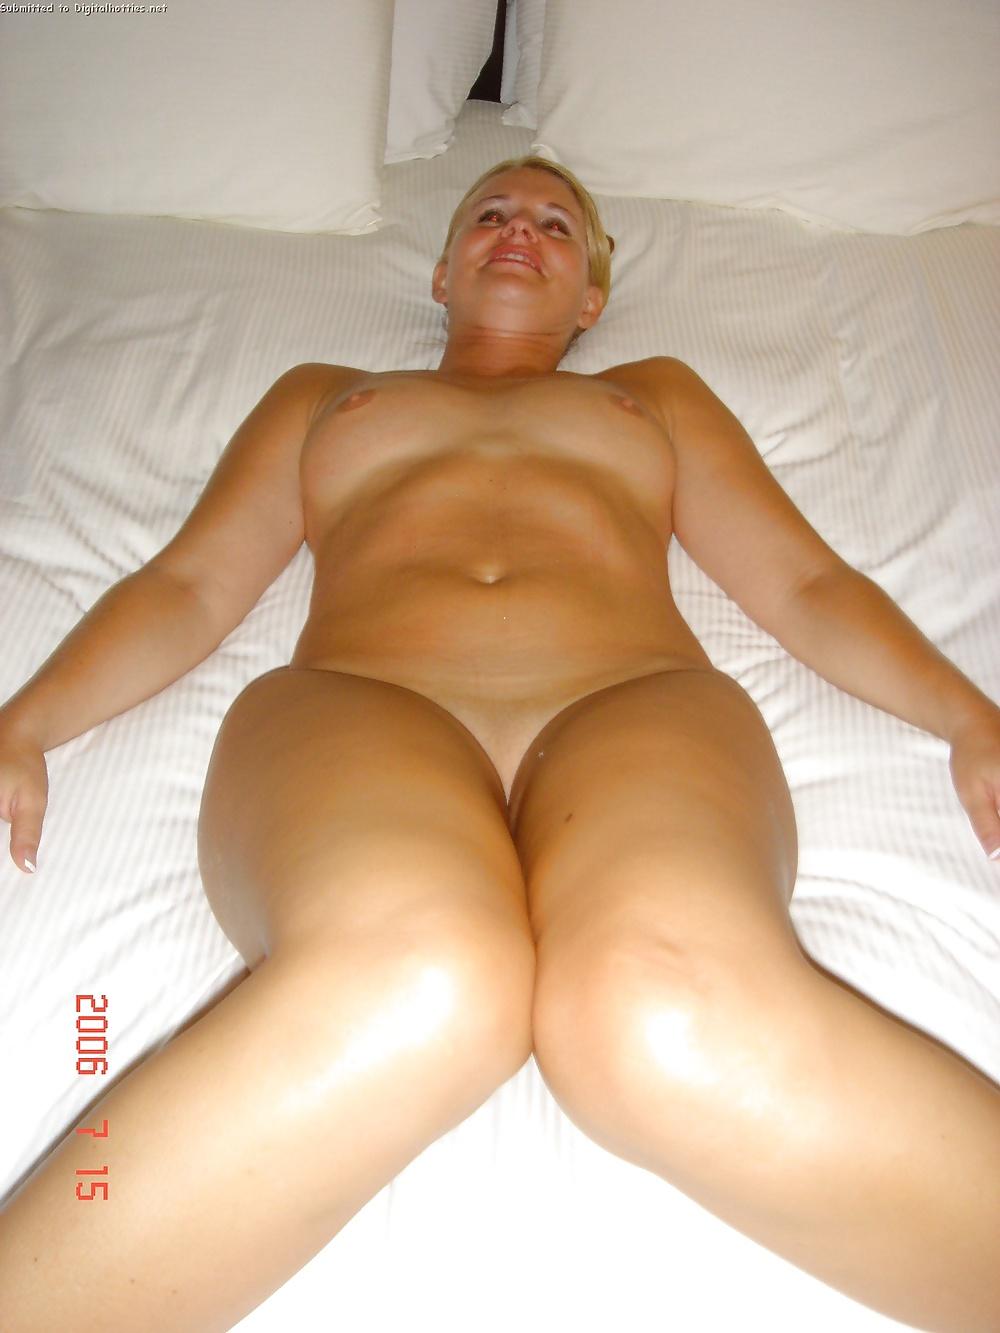 naked-honeymoon-pics-amateur